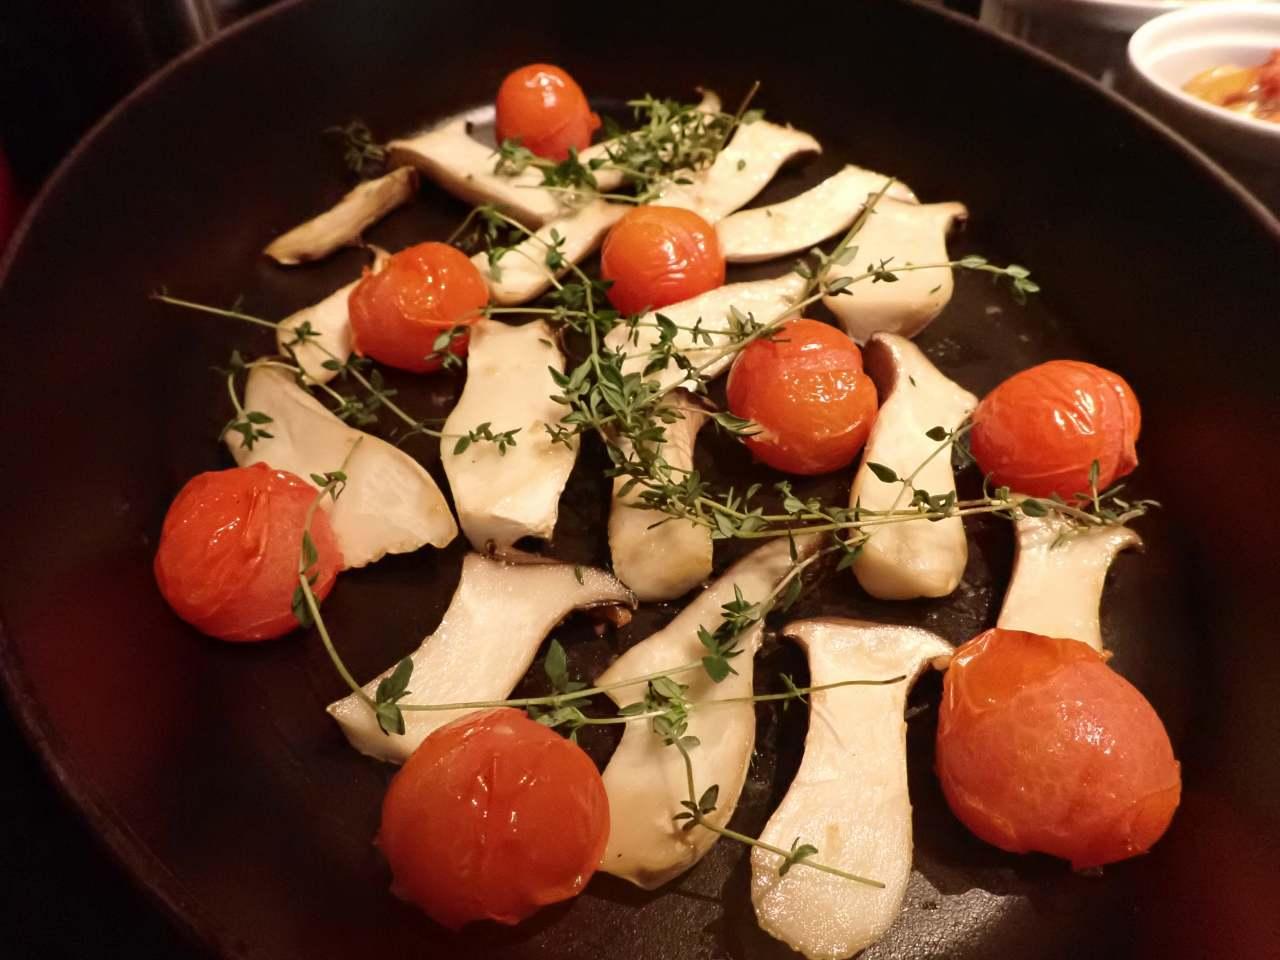 エリンギとトマトのガーリックトースト